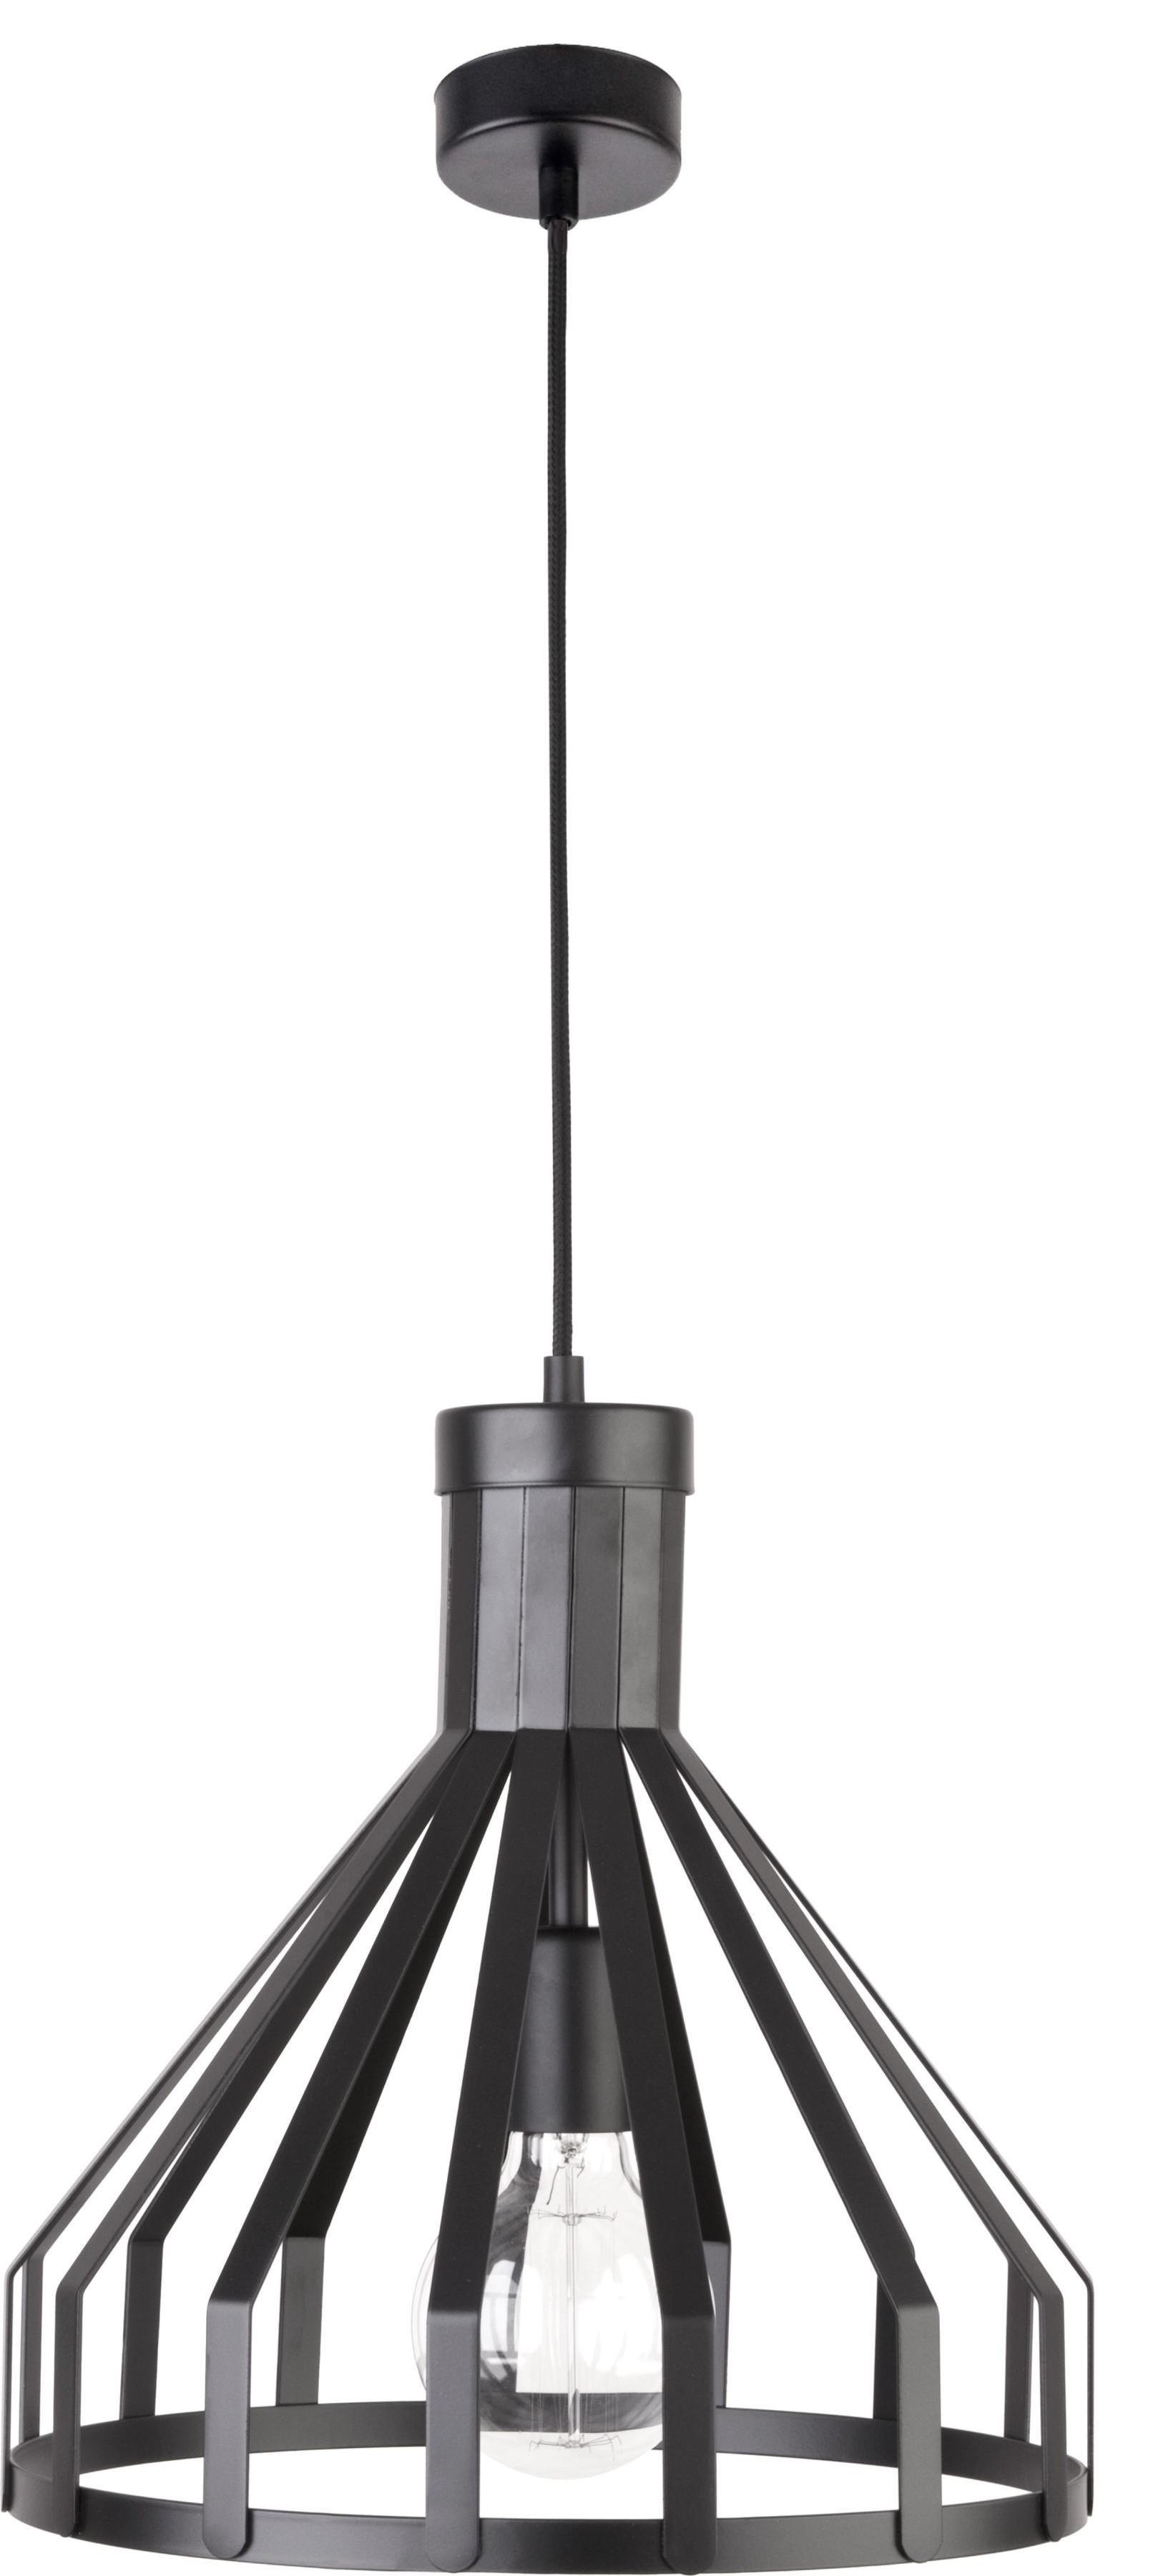 Lampa wisząca Kola 1 L czarna 30907 - Sigma Do -17% rabatu w koszyku i darmowa dostawa od 299zł !